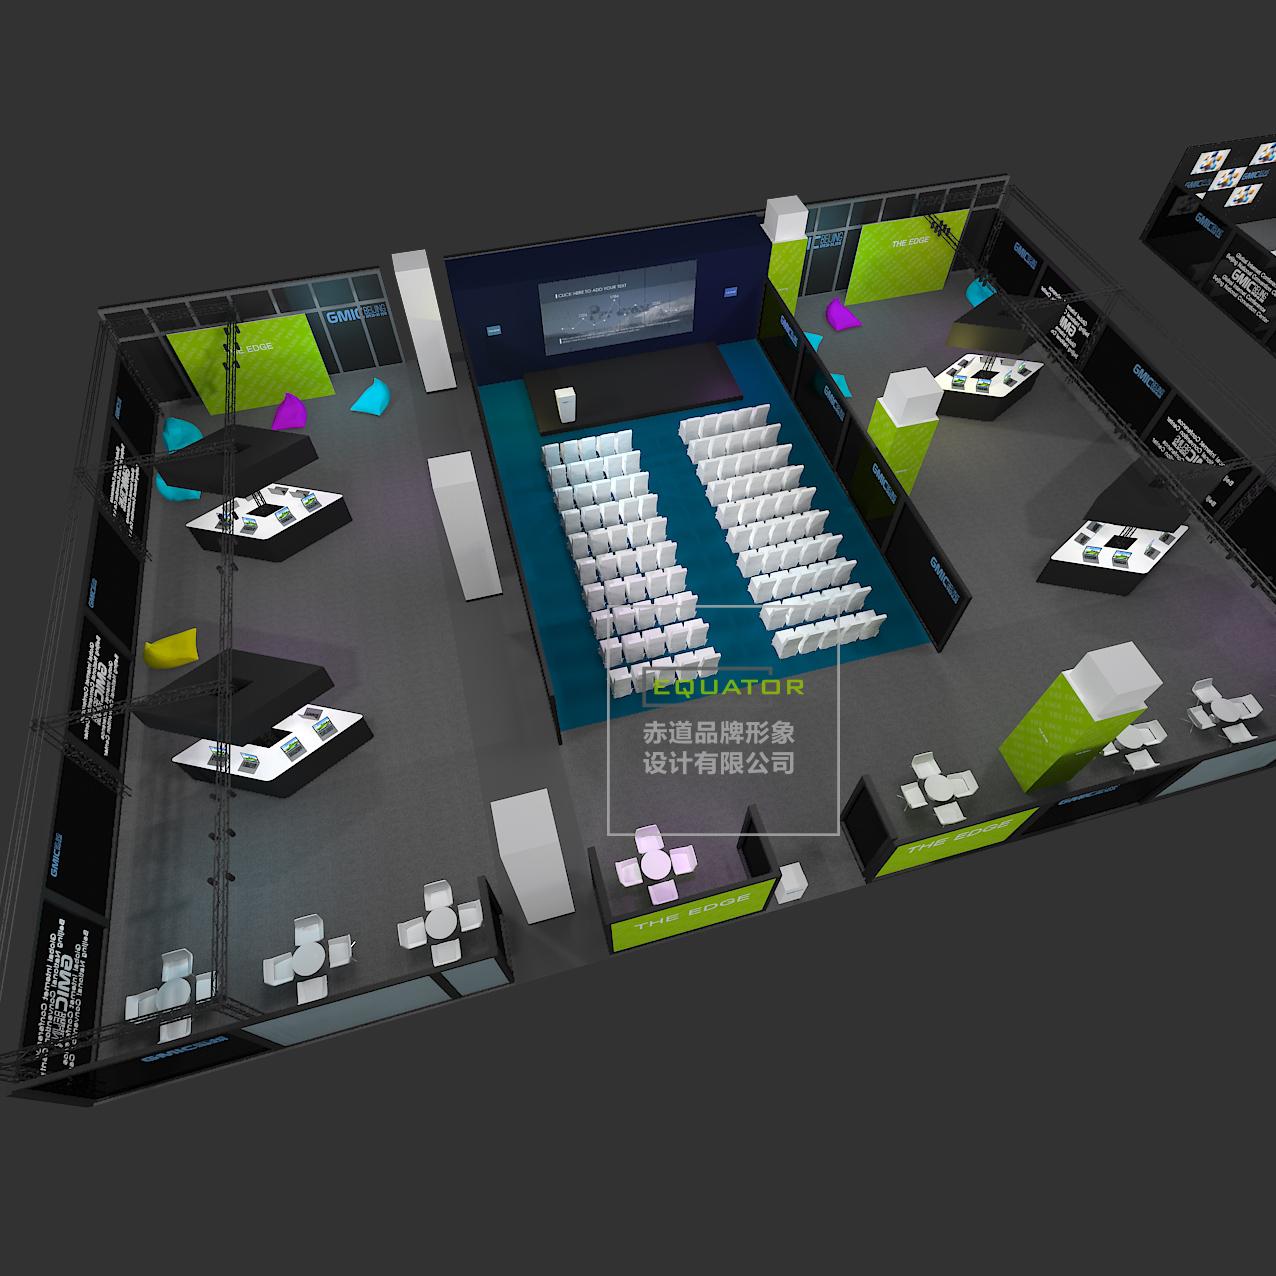 全球移动互联网大会展台设计方案